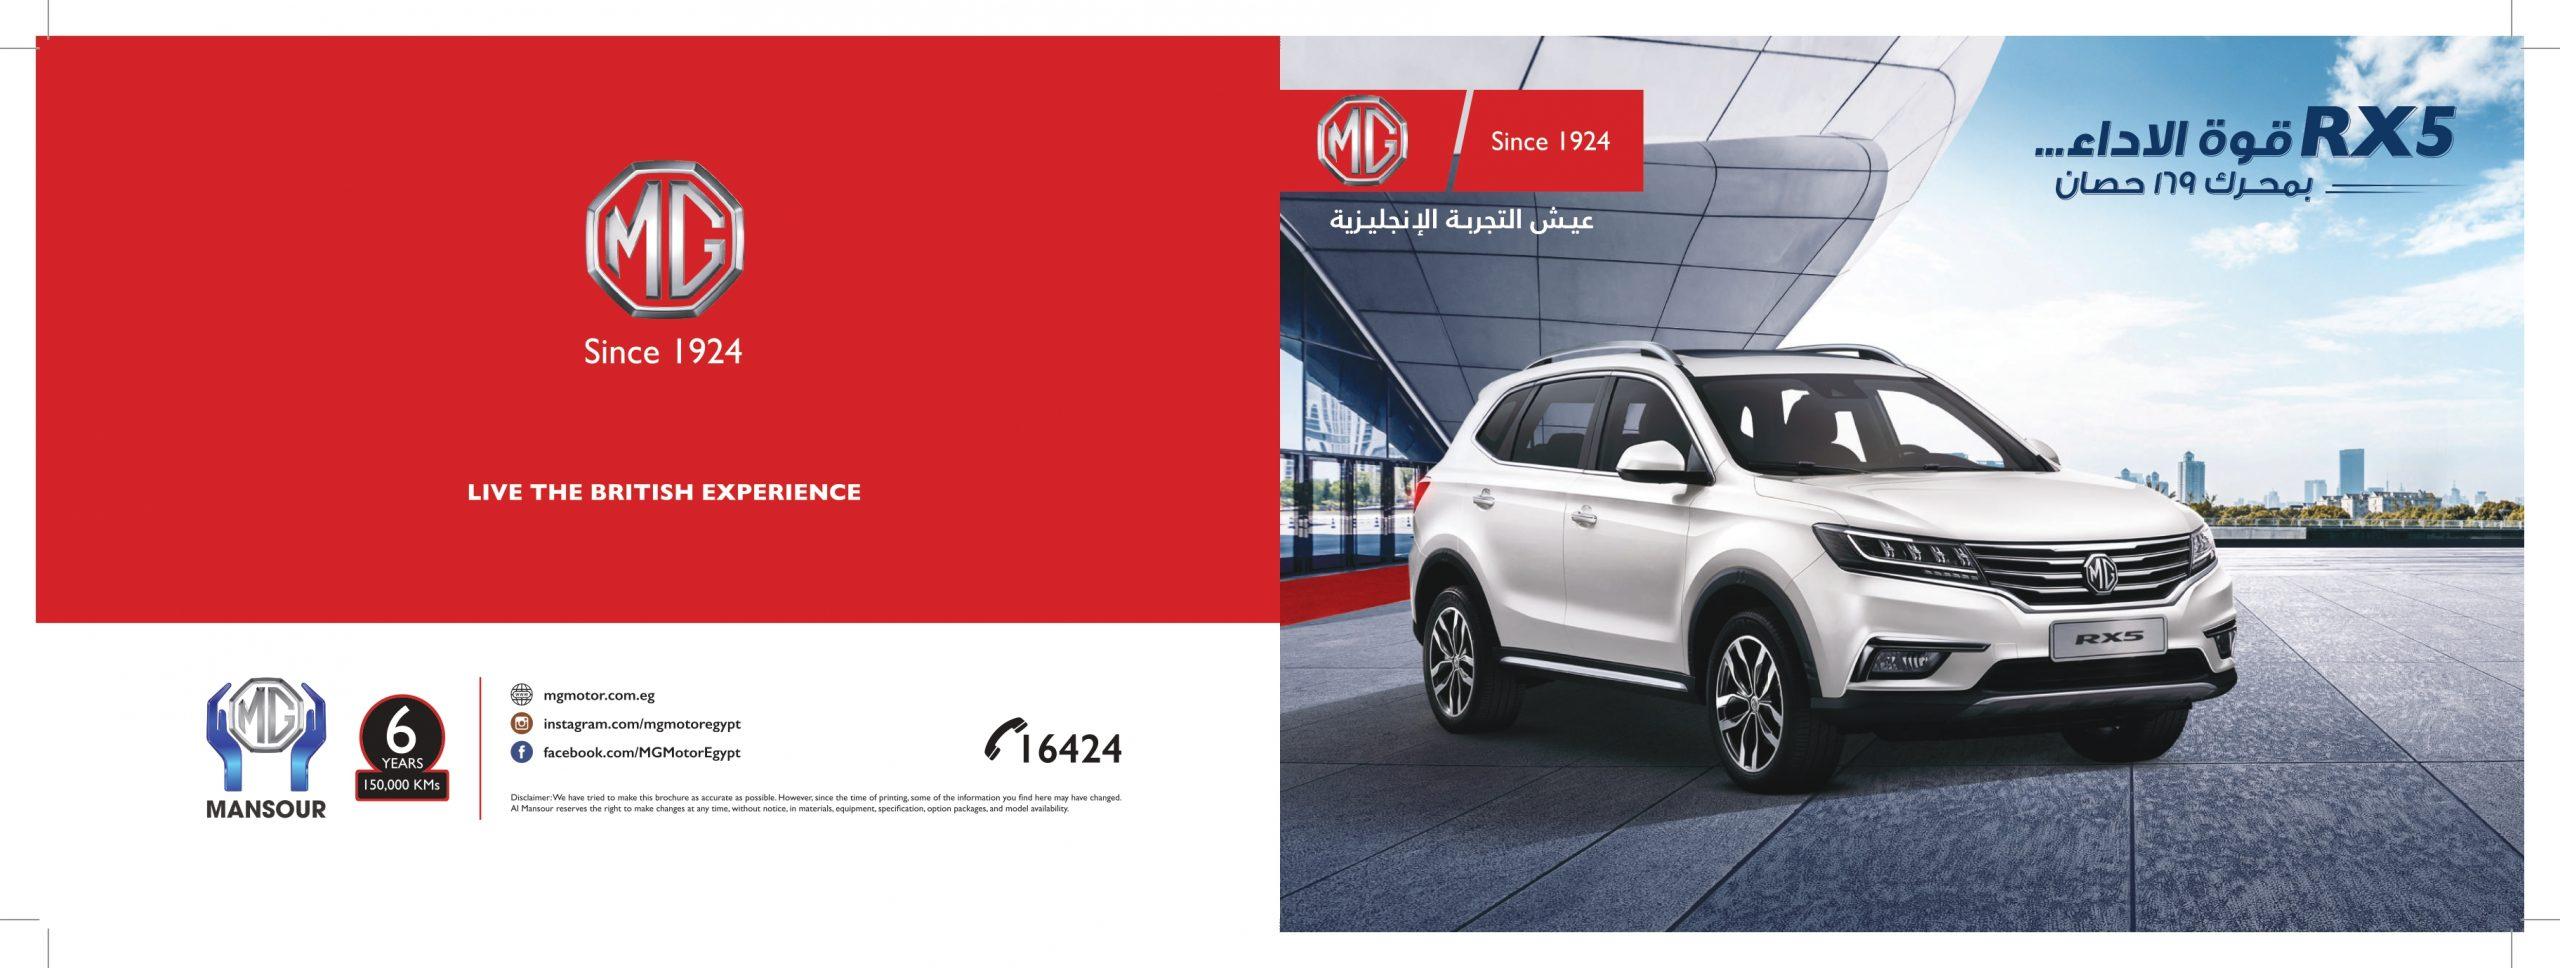 تعرف علي سعر سيارة mg rx5 2020 في مصر واعرف أهم مميزاتها وعيوبها 2